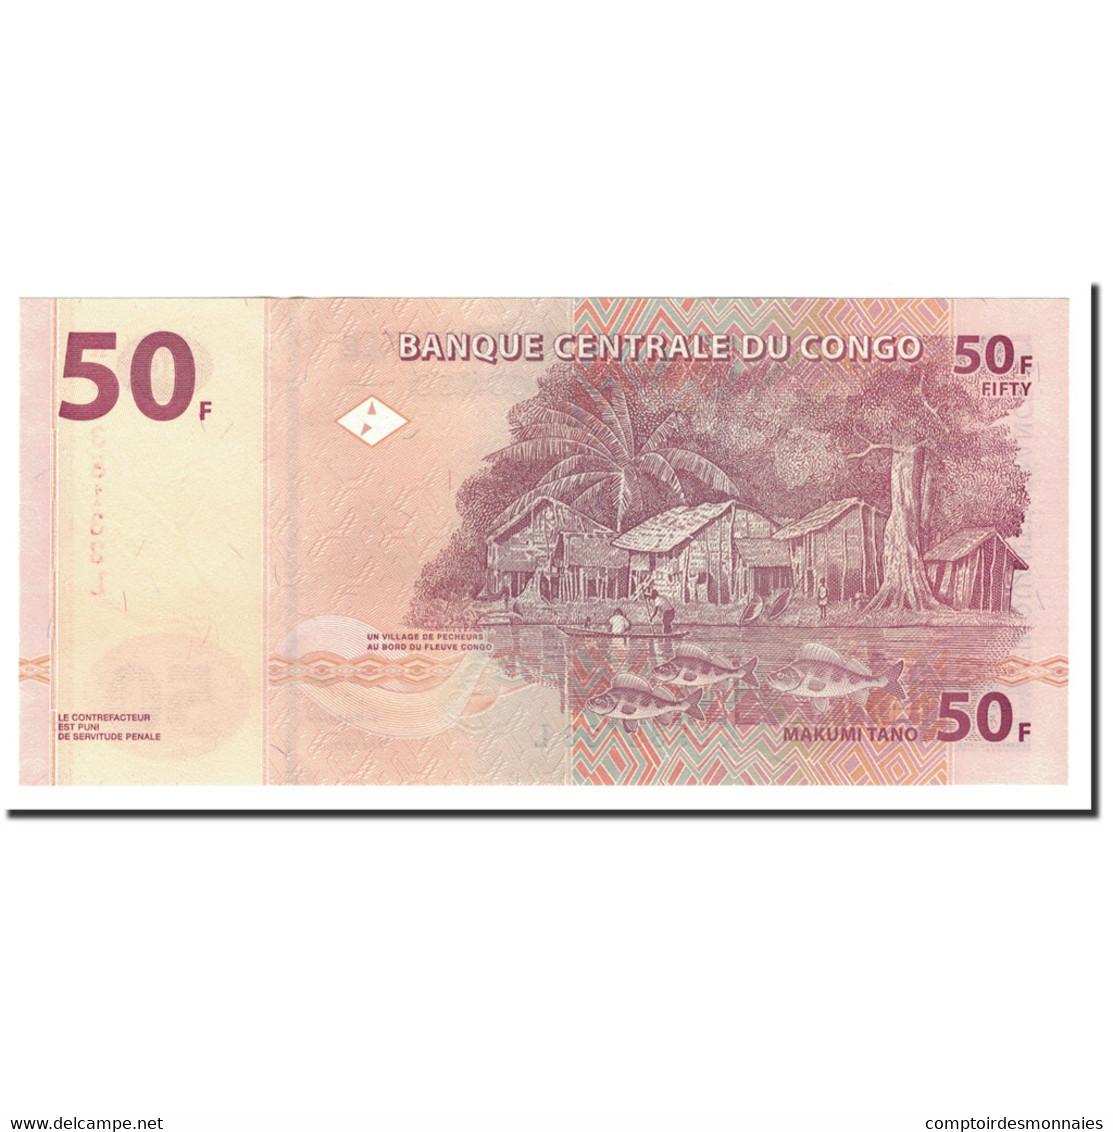 Congo Democratic Republic, 50 Francs, 2000, KM:91a, 2000-01-04, NEUF - Republic Of Congo (Congo-Brazzaville)